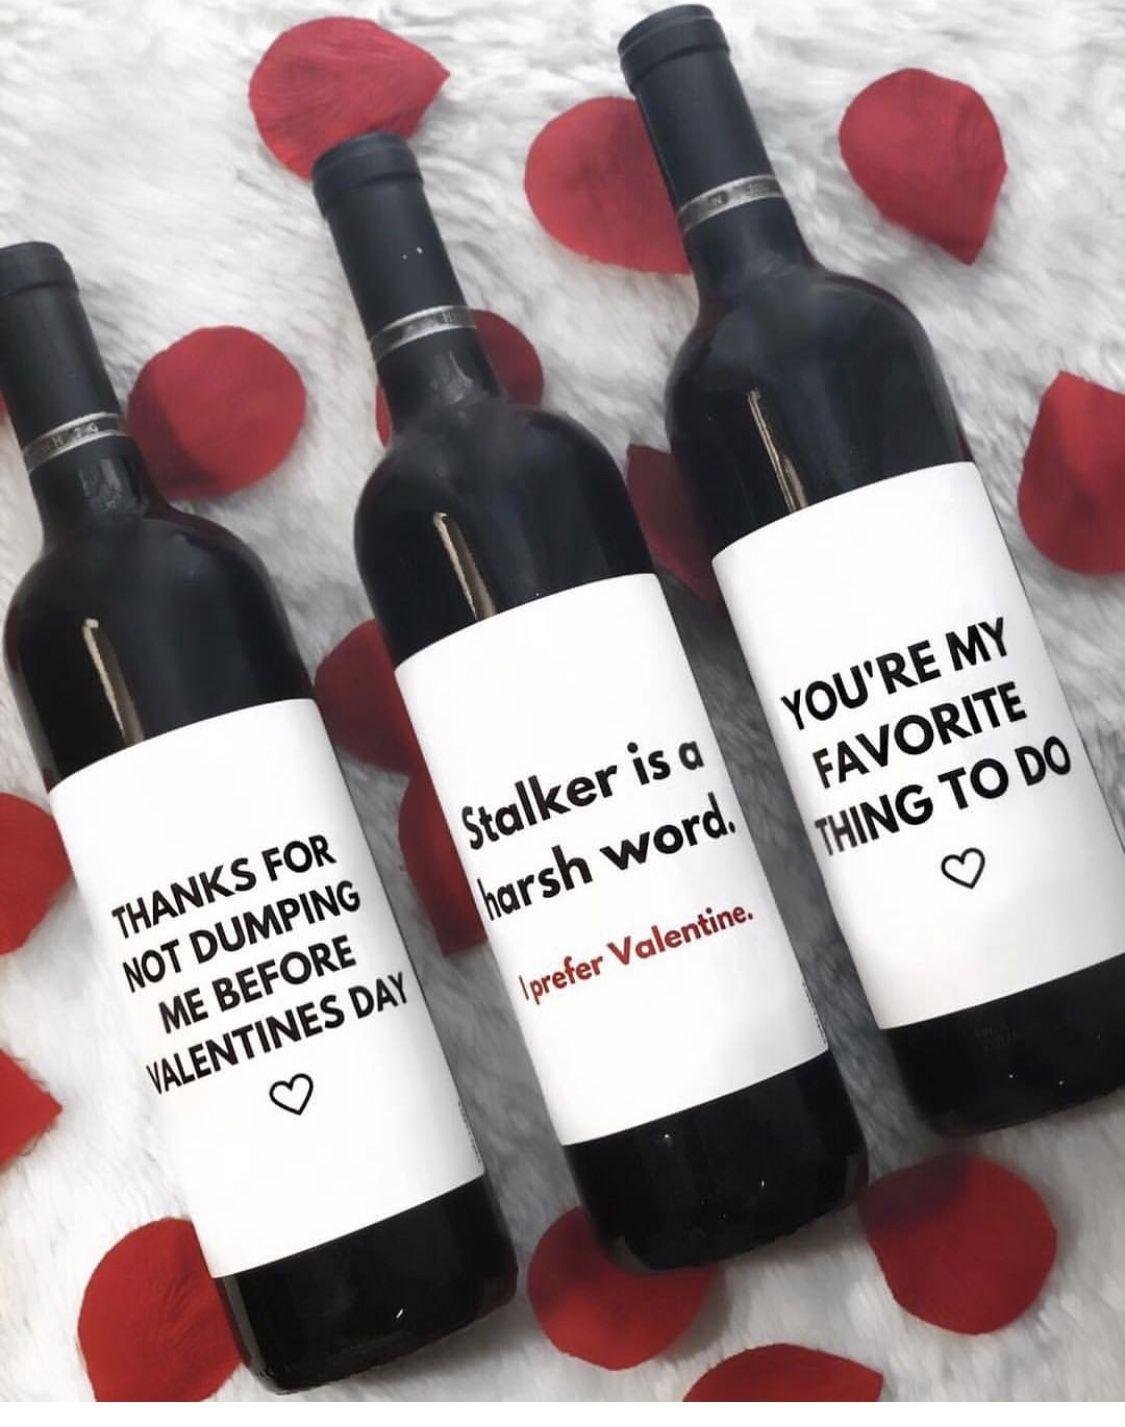 Pin By Lexi Jean On Memes Wine Bottle Alcoholic Drinks Rose Wine Bottle